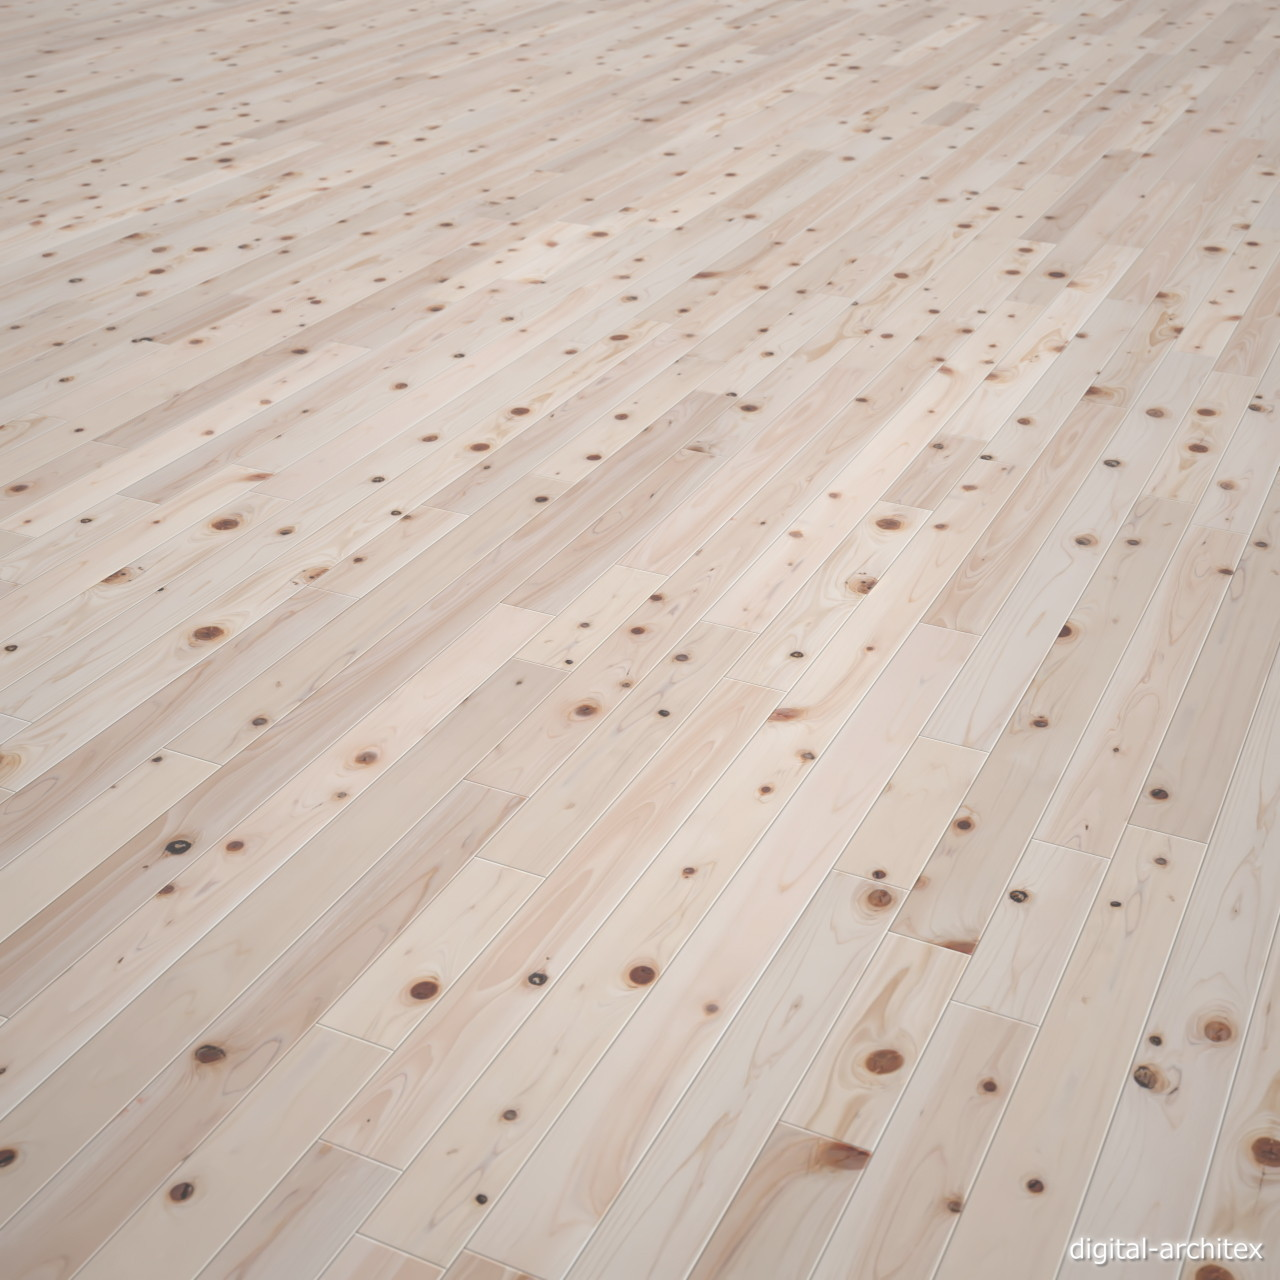 2D,テクスチャー,texture,JPEG,木質,floor,wooden flooring,wood,茶色,brown,桧の乱尺張りのフローリング,木目,節,ひのき,檜,ヒノキ